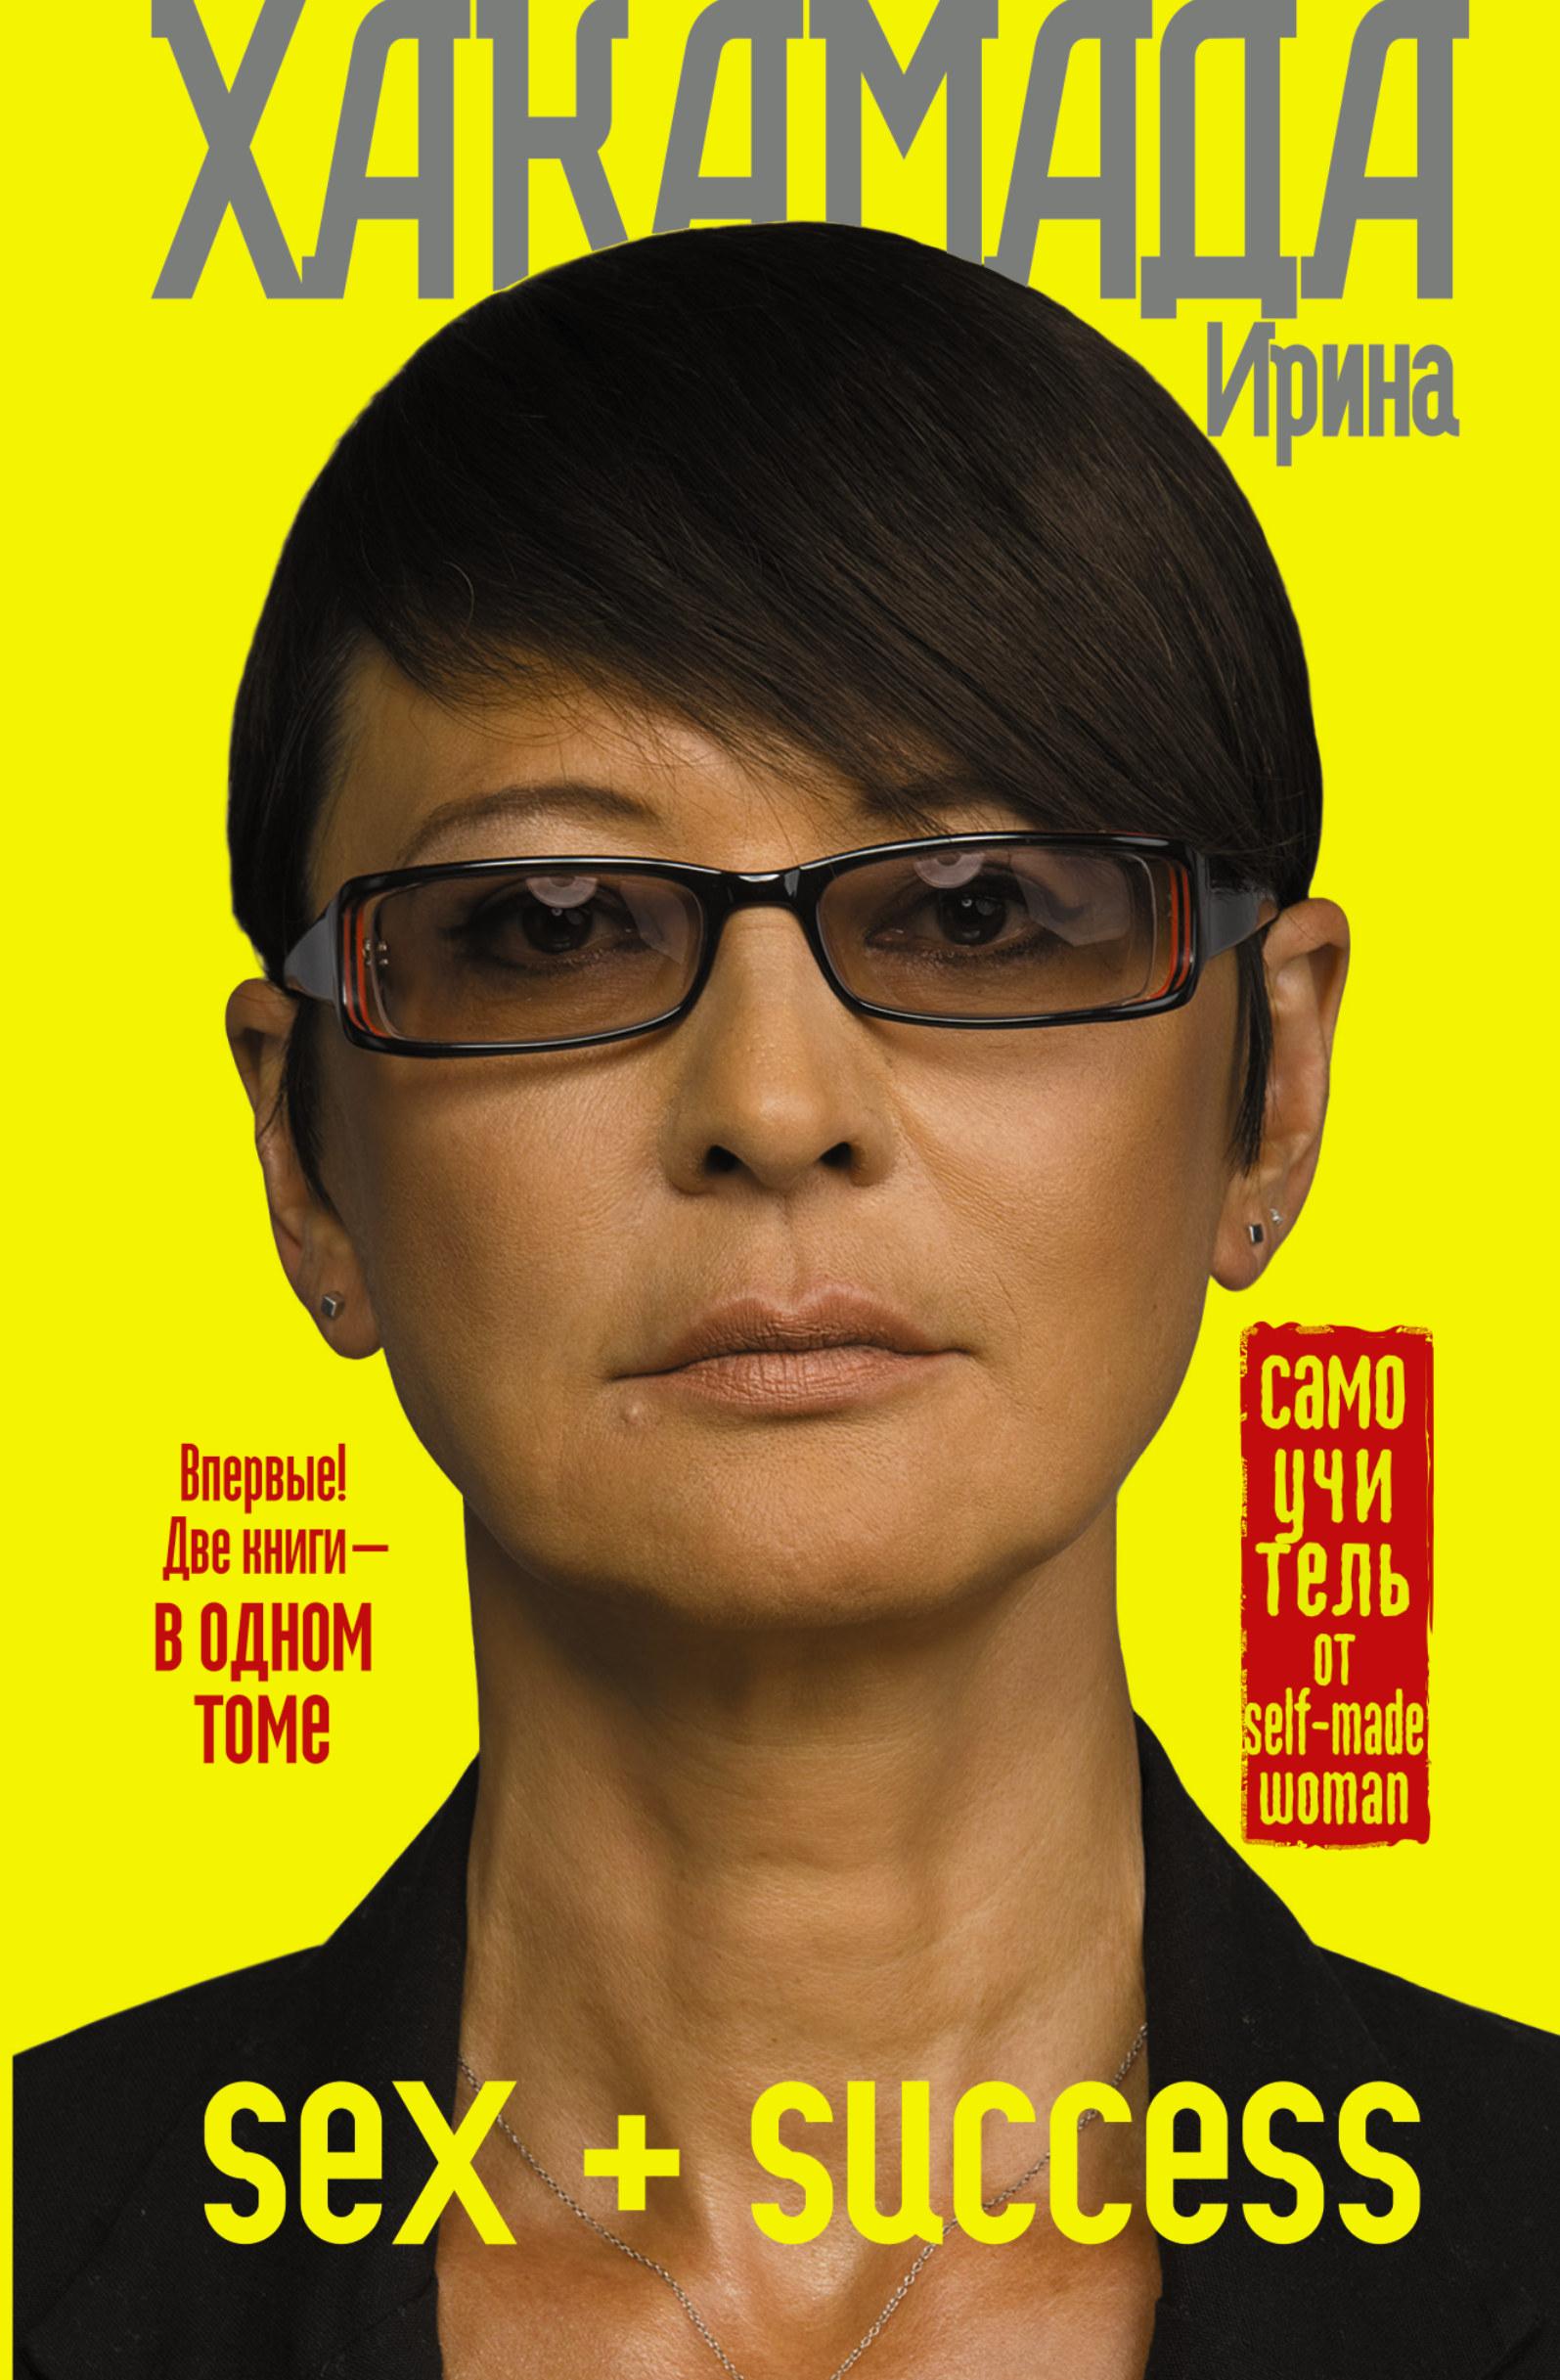 Хакамада Ирина SEX + SUCCESS. Самоучитель от self-made woman книги эксмо украина в глобальной политике